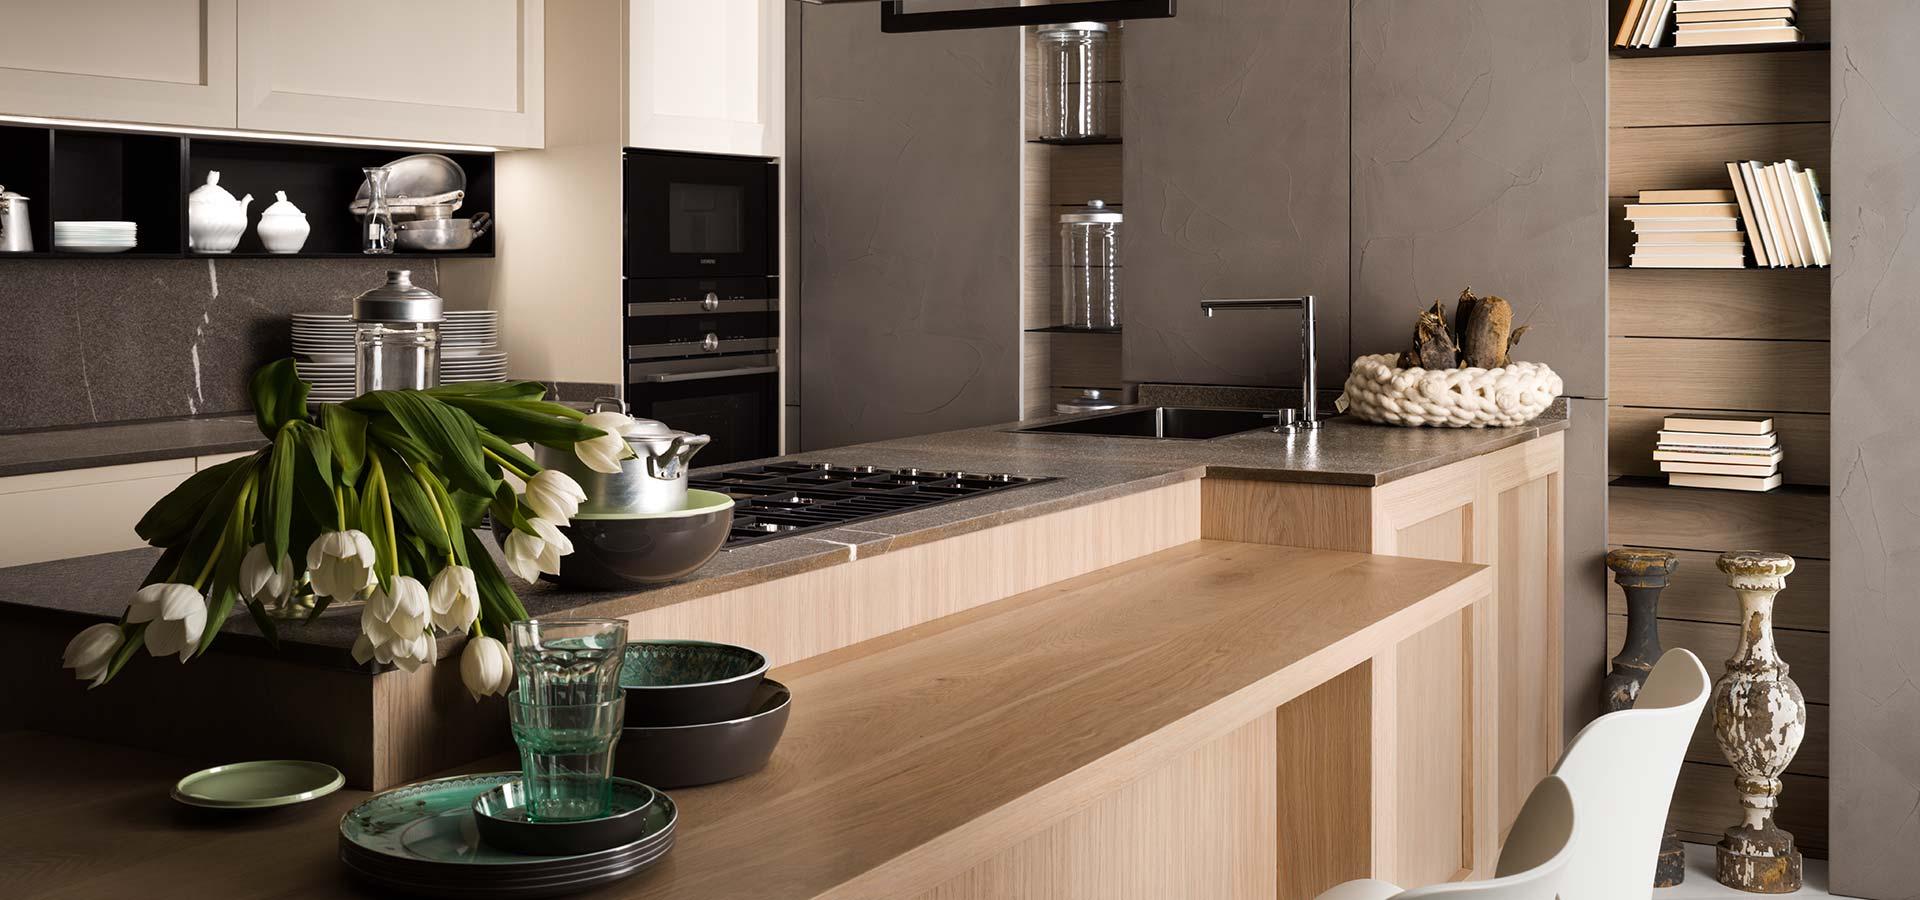 Arredamento bari cucine eleganti quintavalle interior design bari - Interior design bari ...